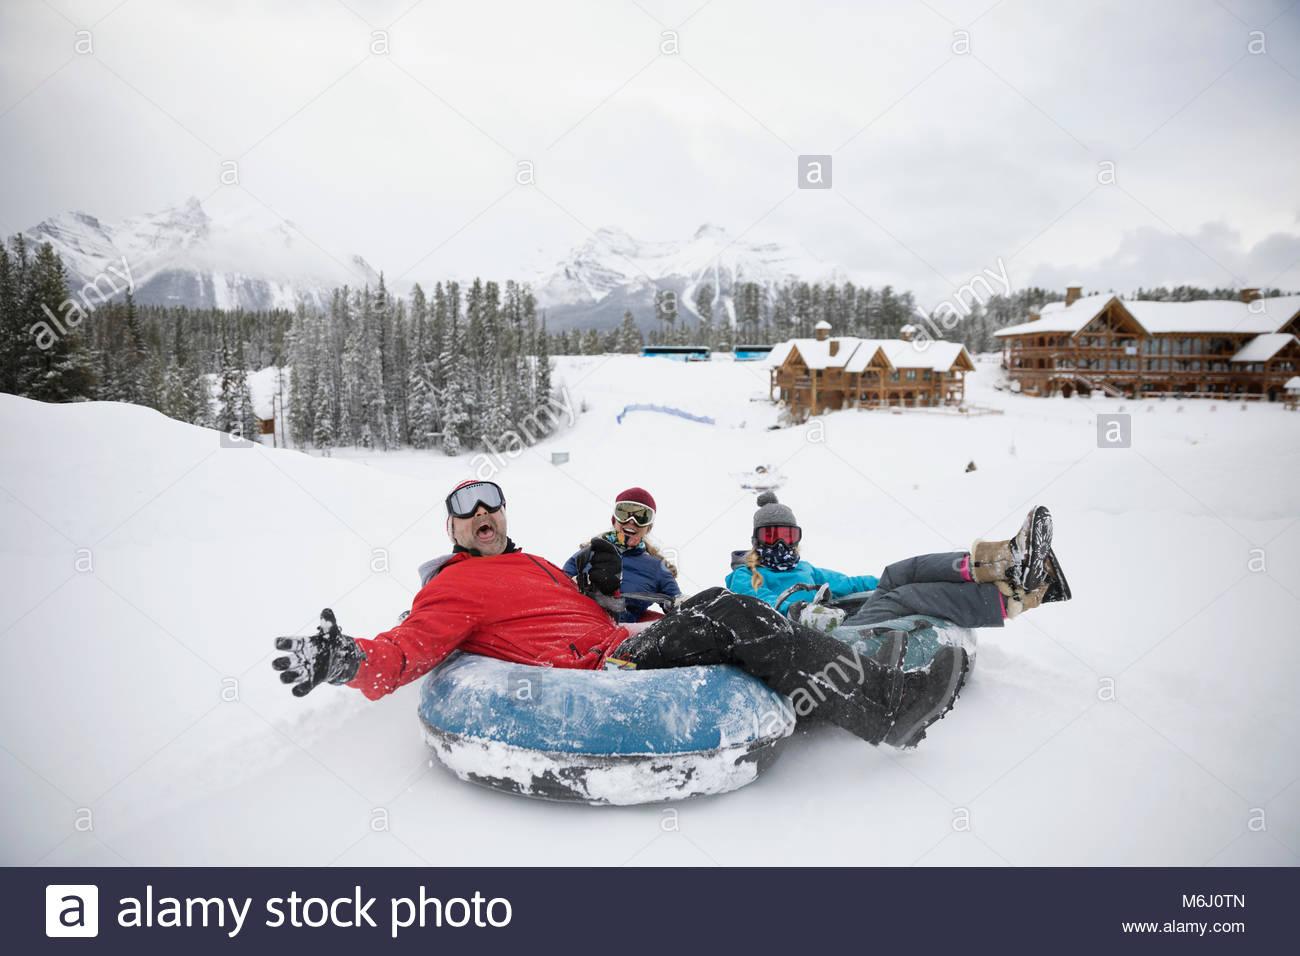 Portrait playful family inner tubing in snow at ski resort tube park - Stock Image